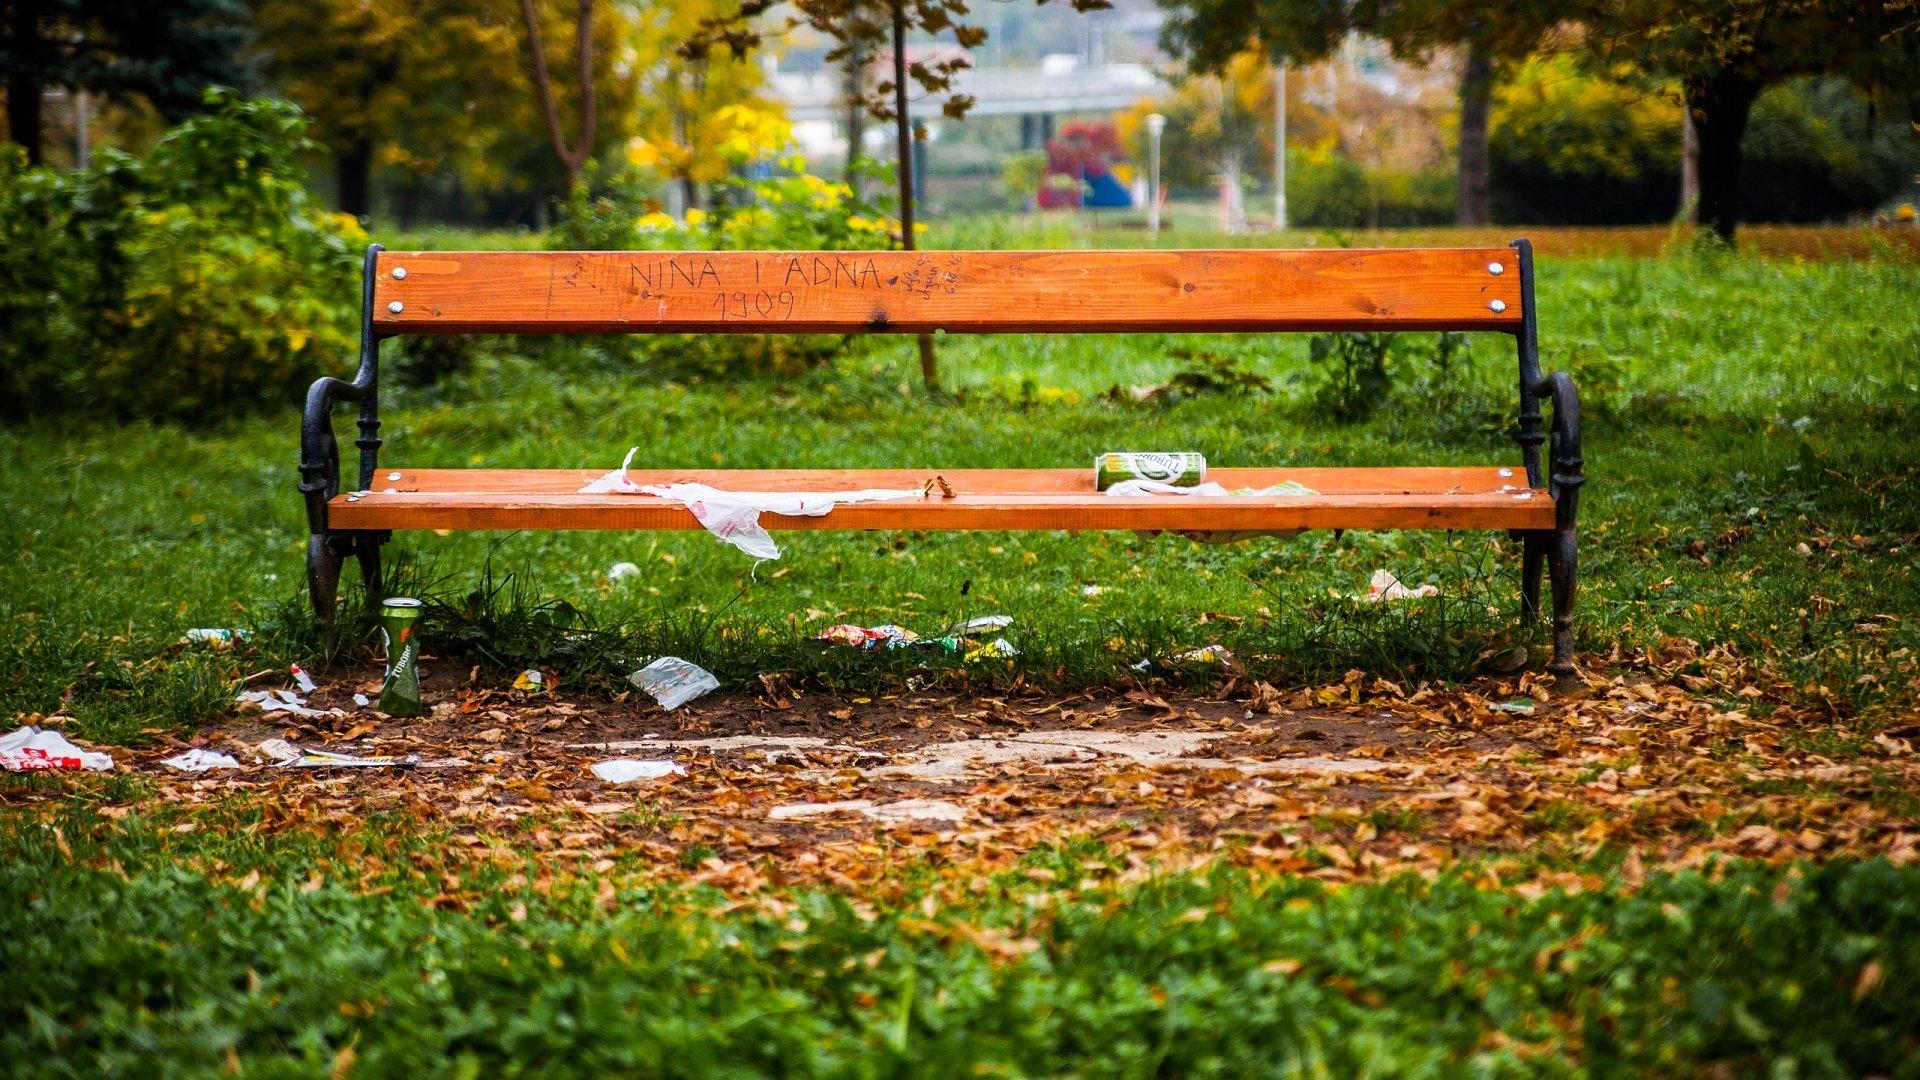 Man Made - Bench  Park Grass Green Bosnia Wallpaper